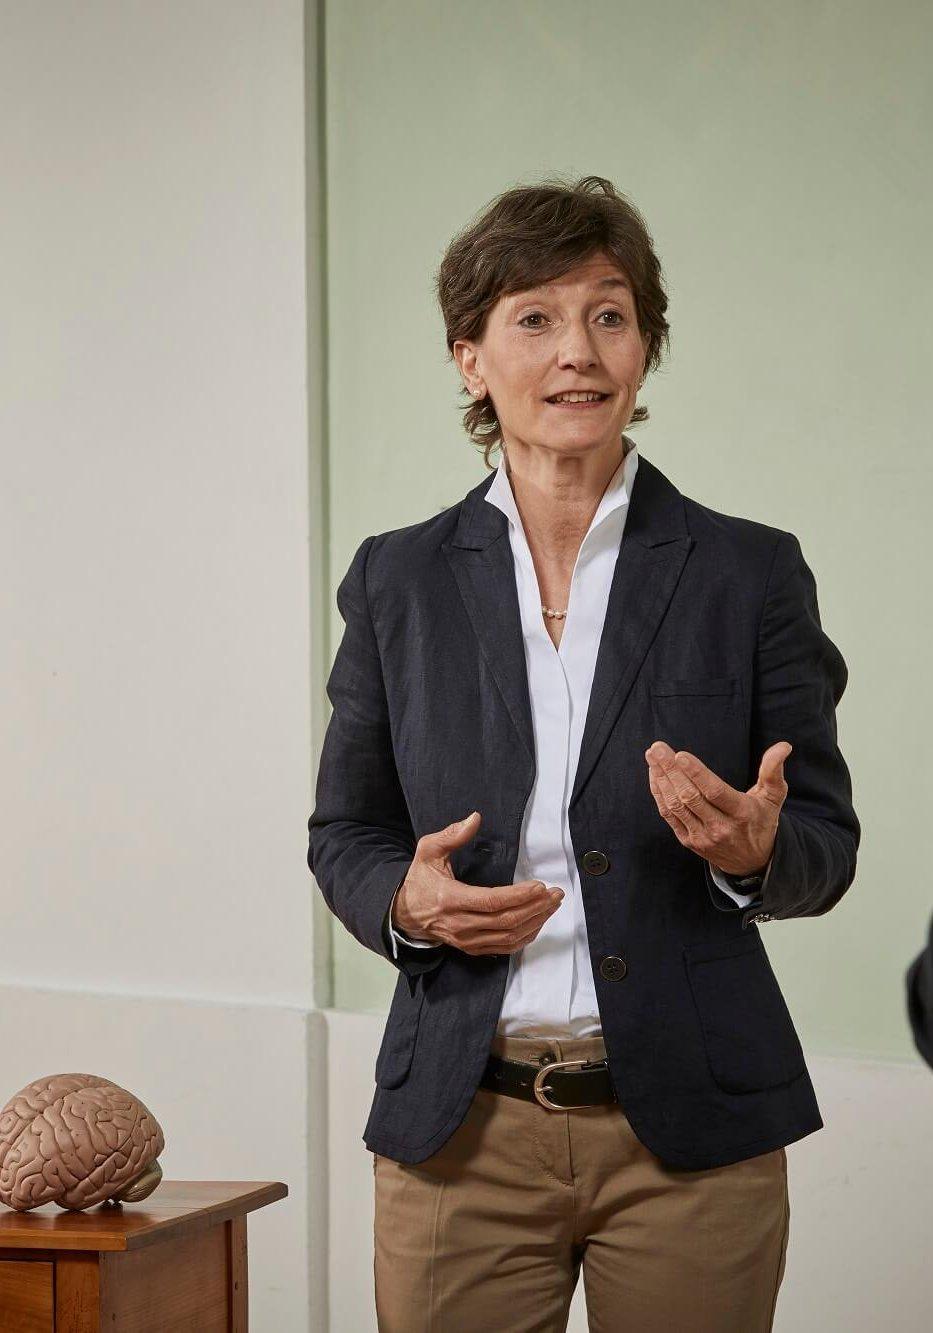 Persönlichkeitstraining Coach Barbara Danowski erklärt etwas